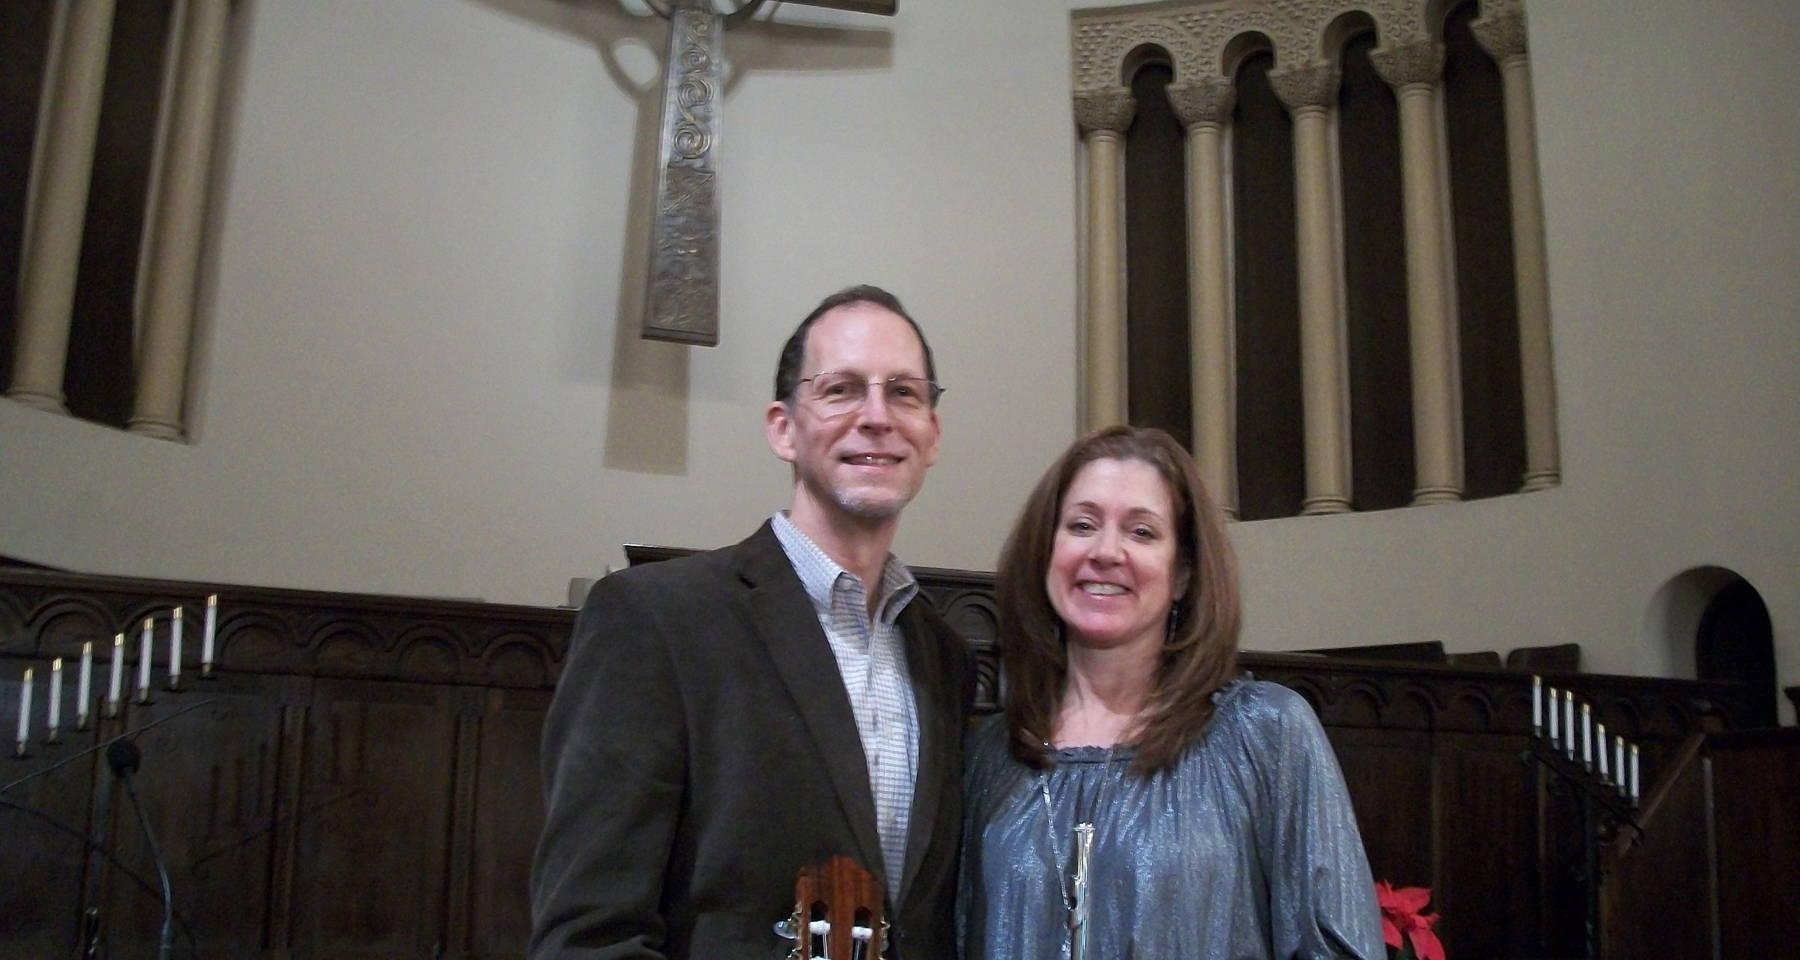 Classical Guitar Project presents Daniel Roest & Francesca Anderson